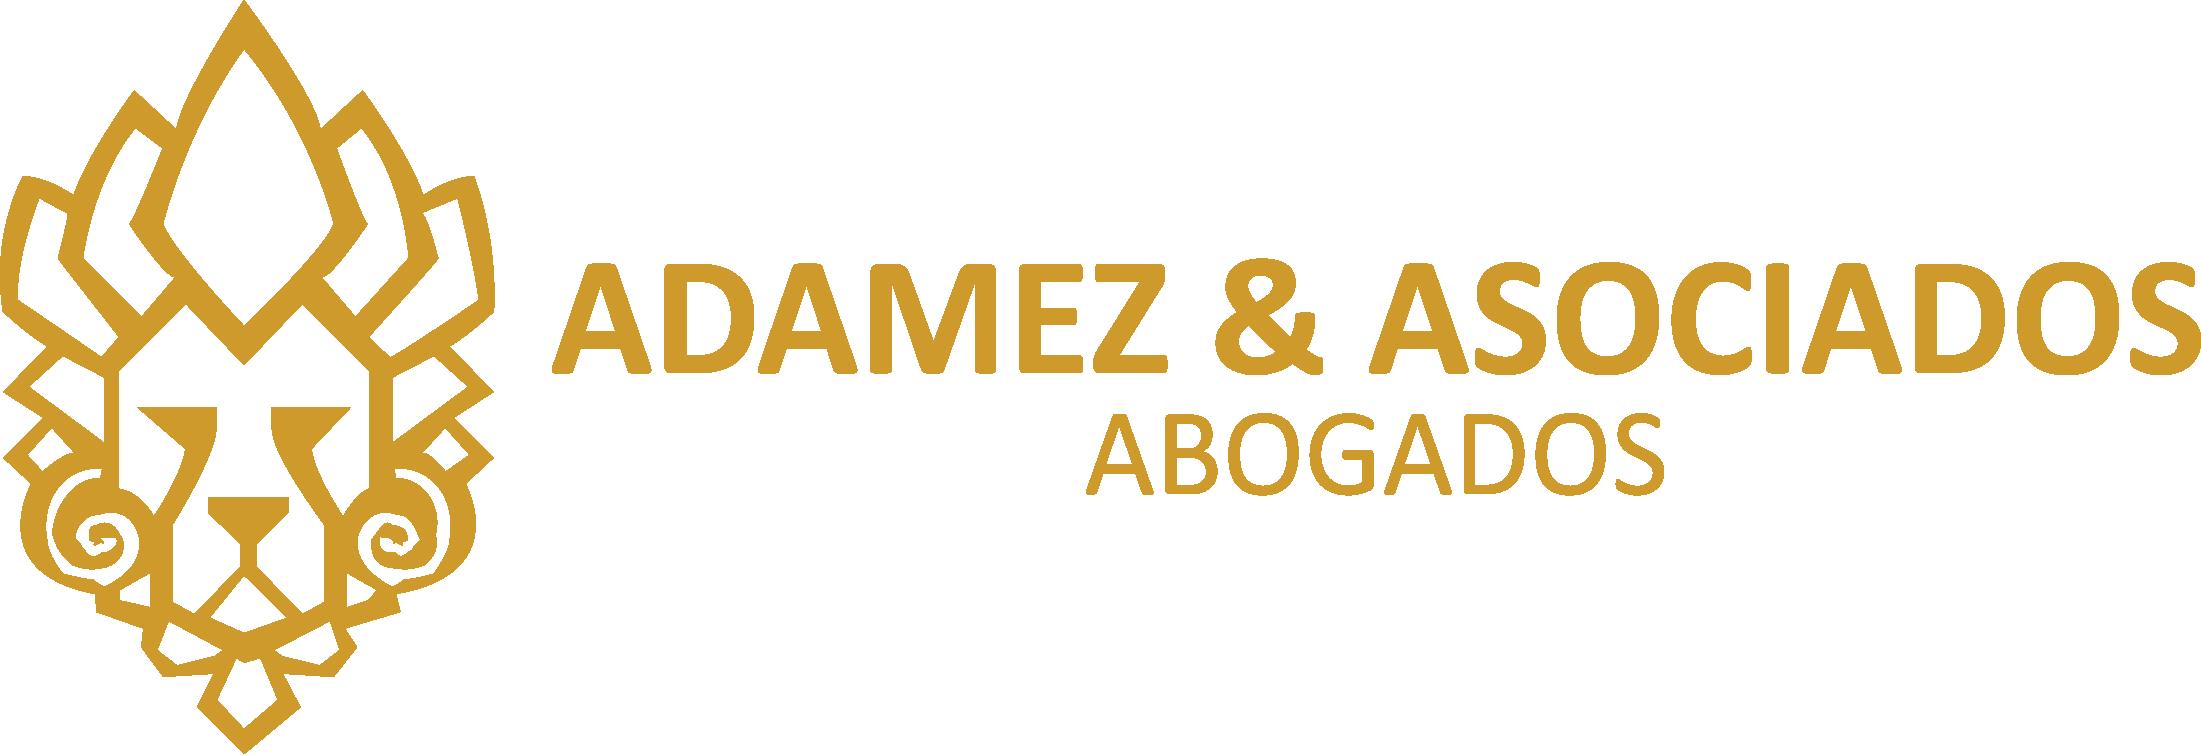 Adamez & Asociados